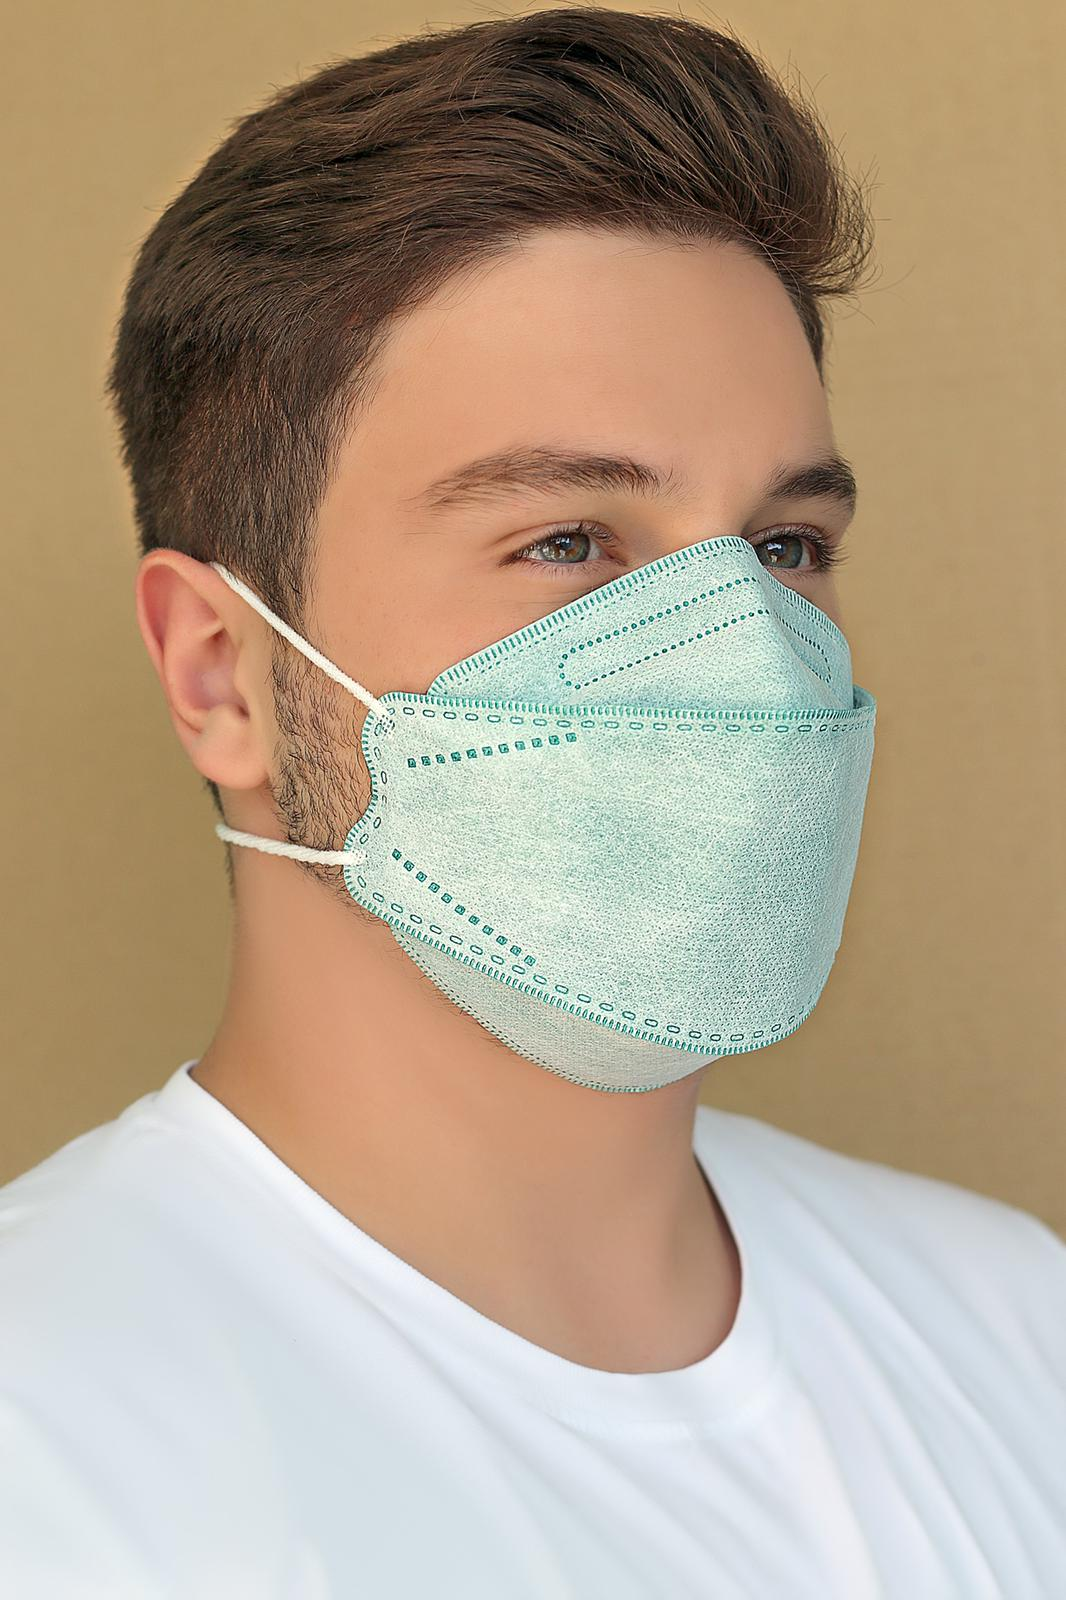 ماسک سه بعدی طرح کره ای KN95 رنگ سبز کش پشت گوشی بسته ۲۰ عددی